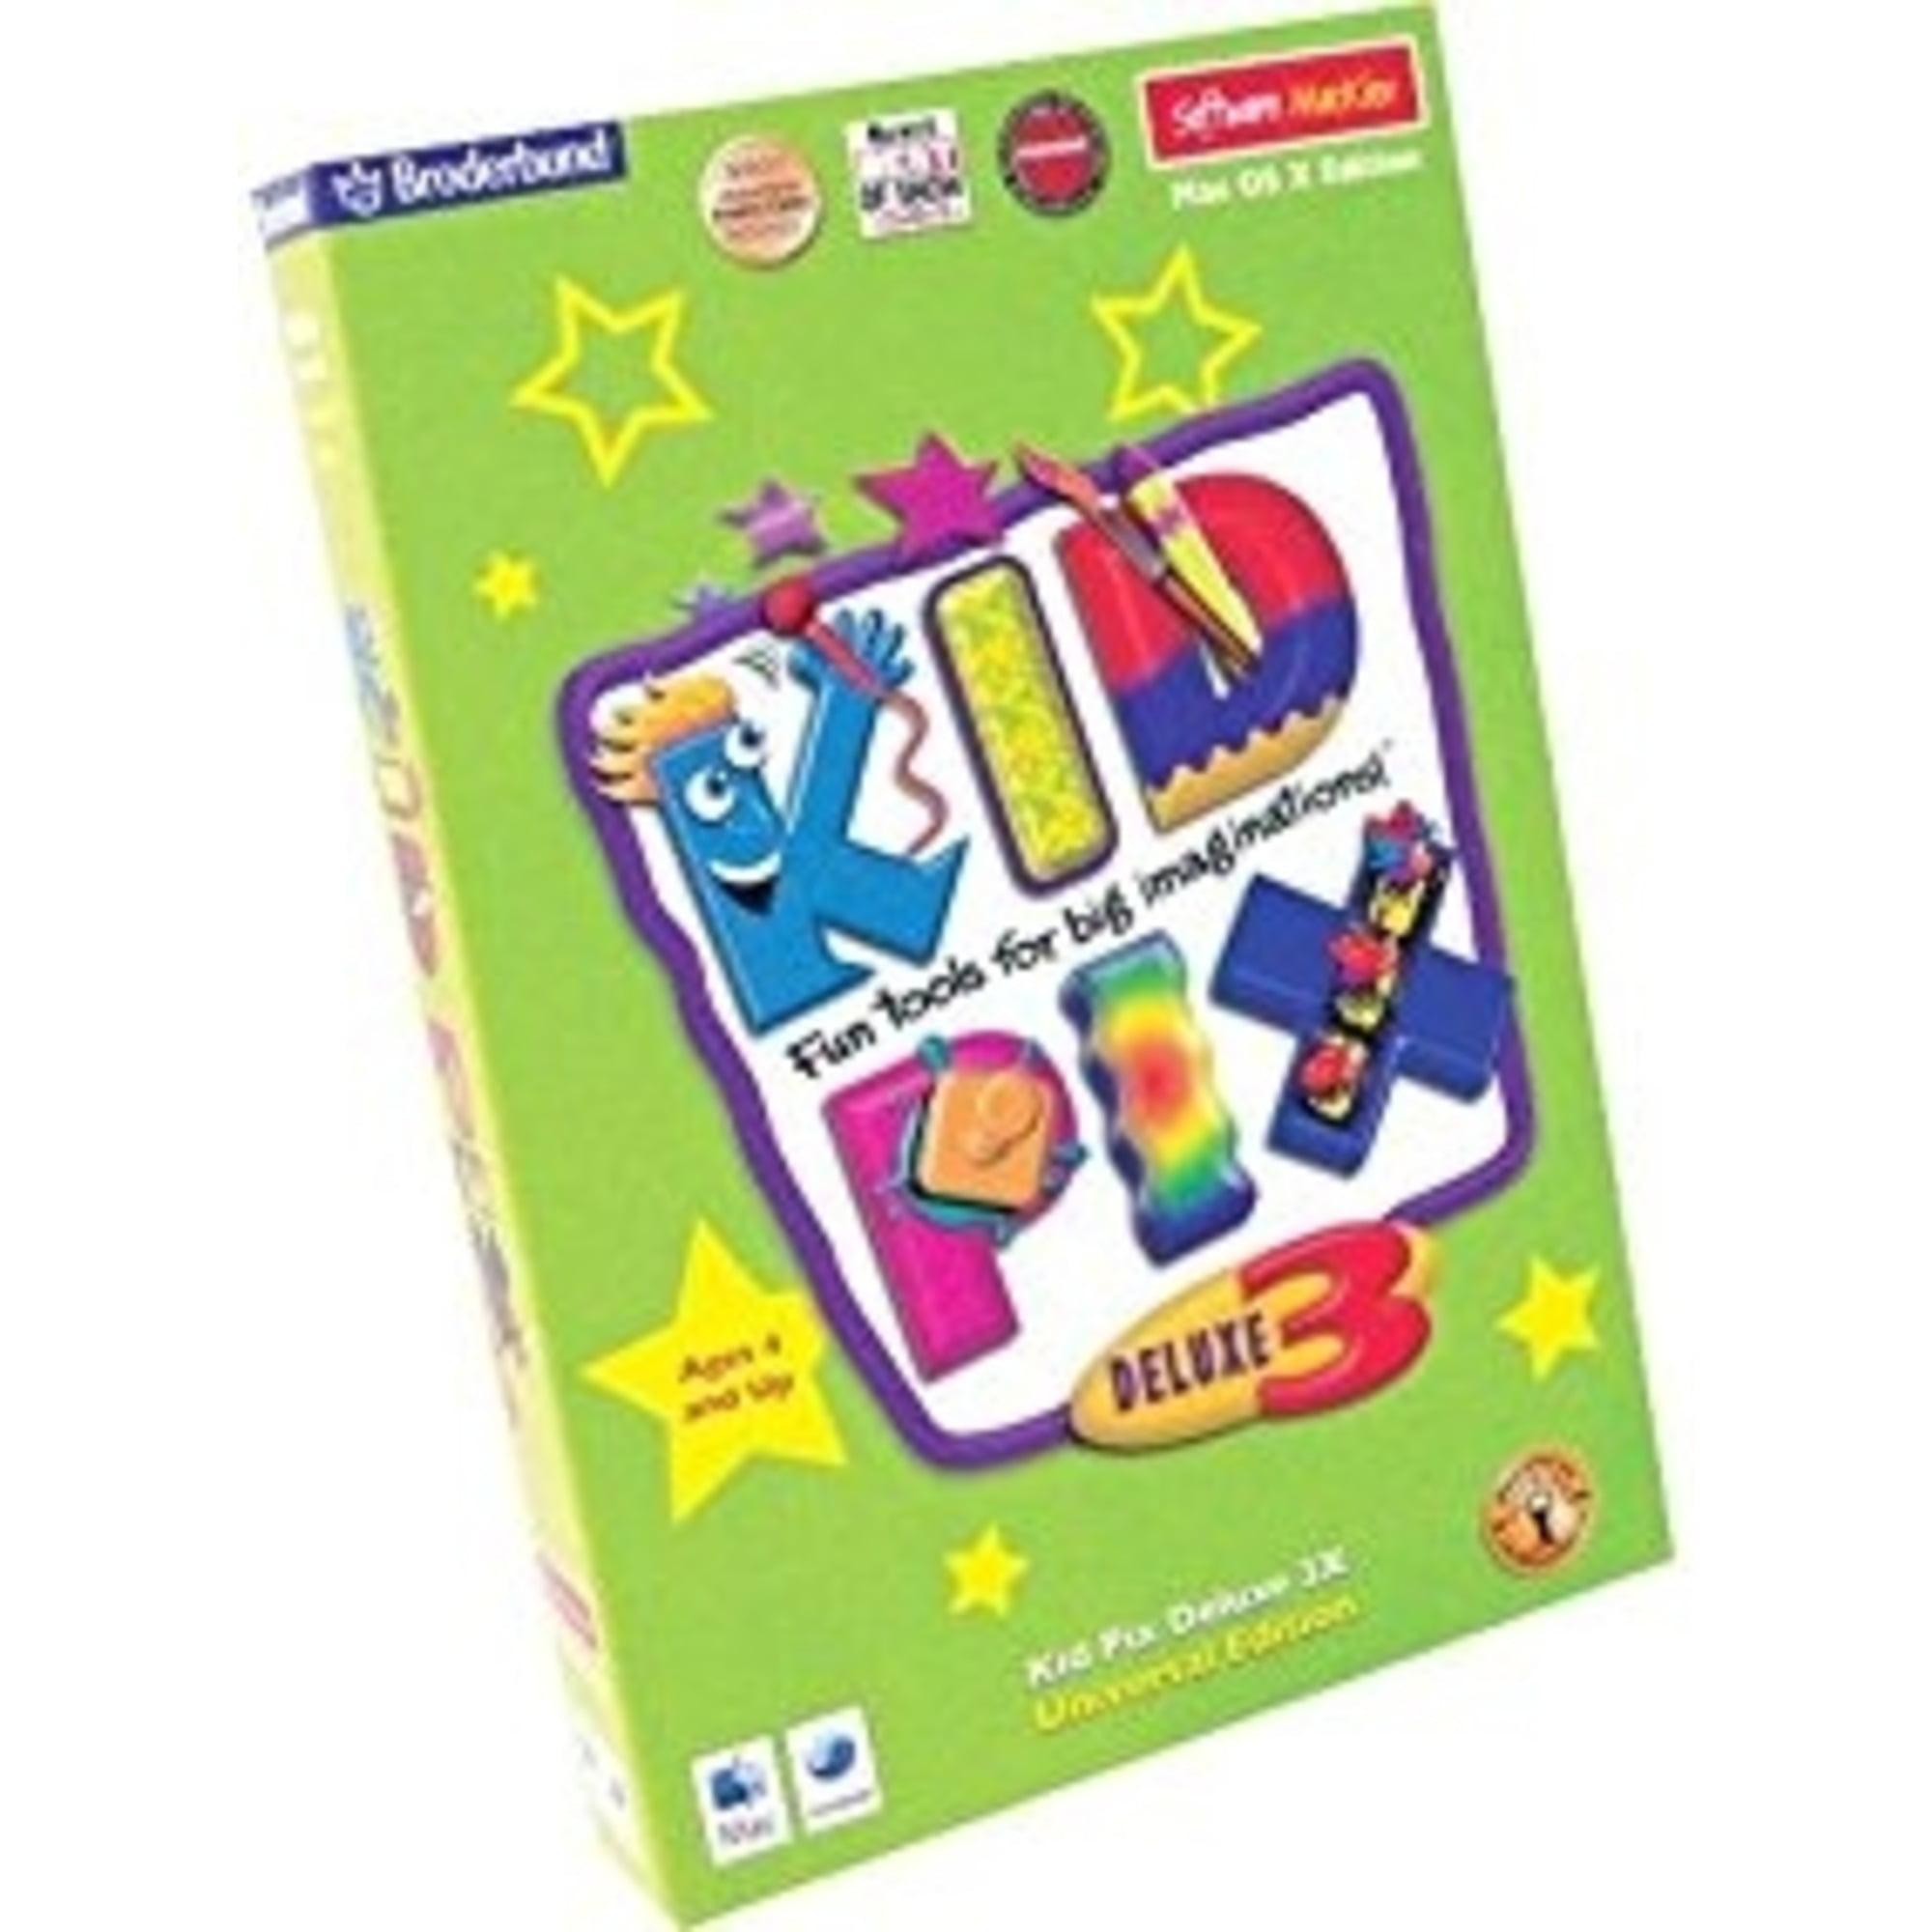 Kid Pix 3D Deluxe 3X Software